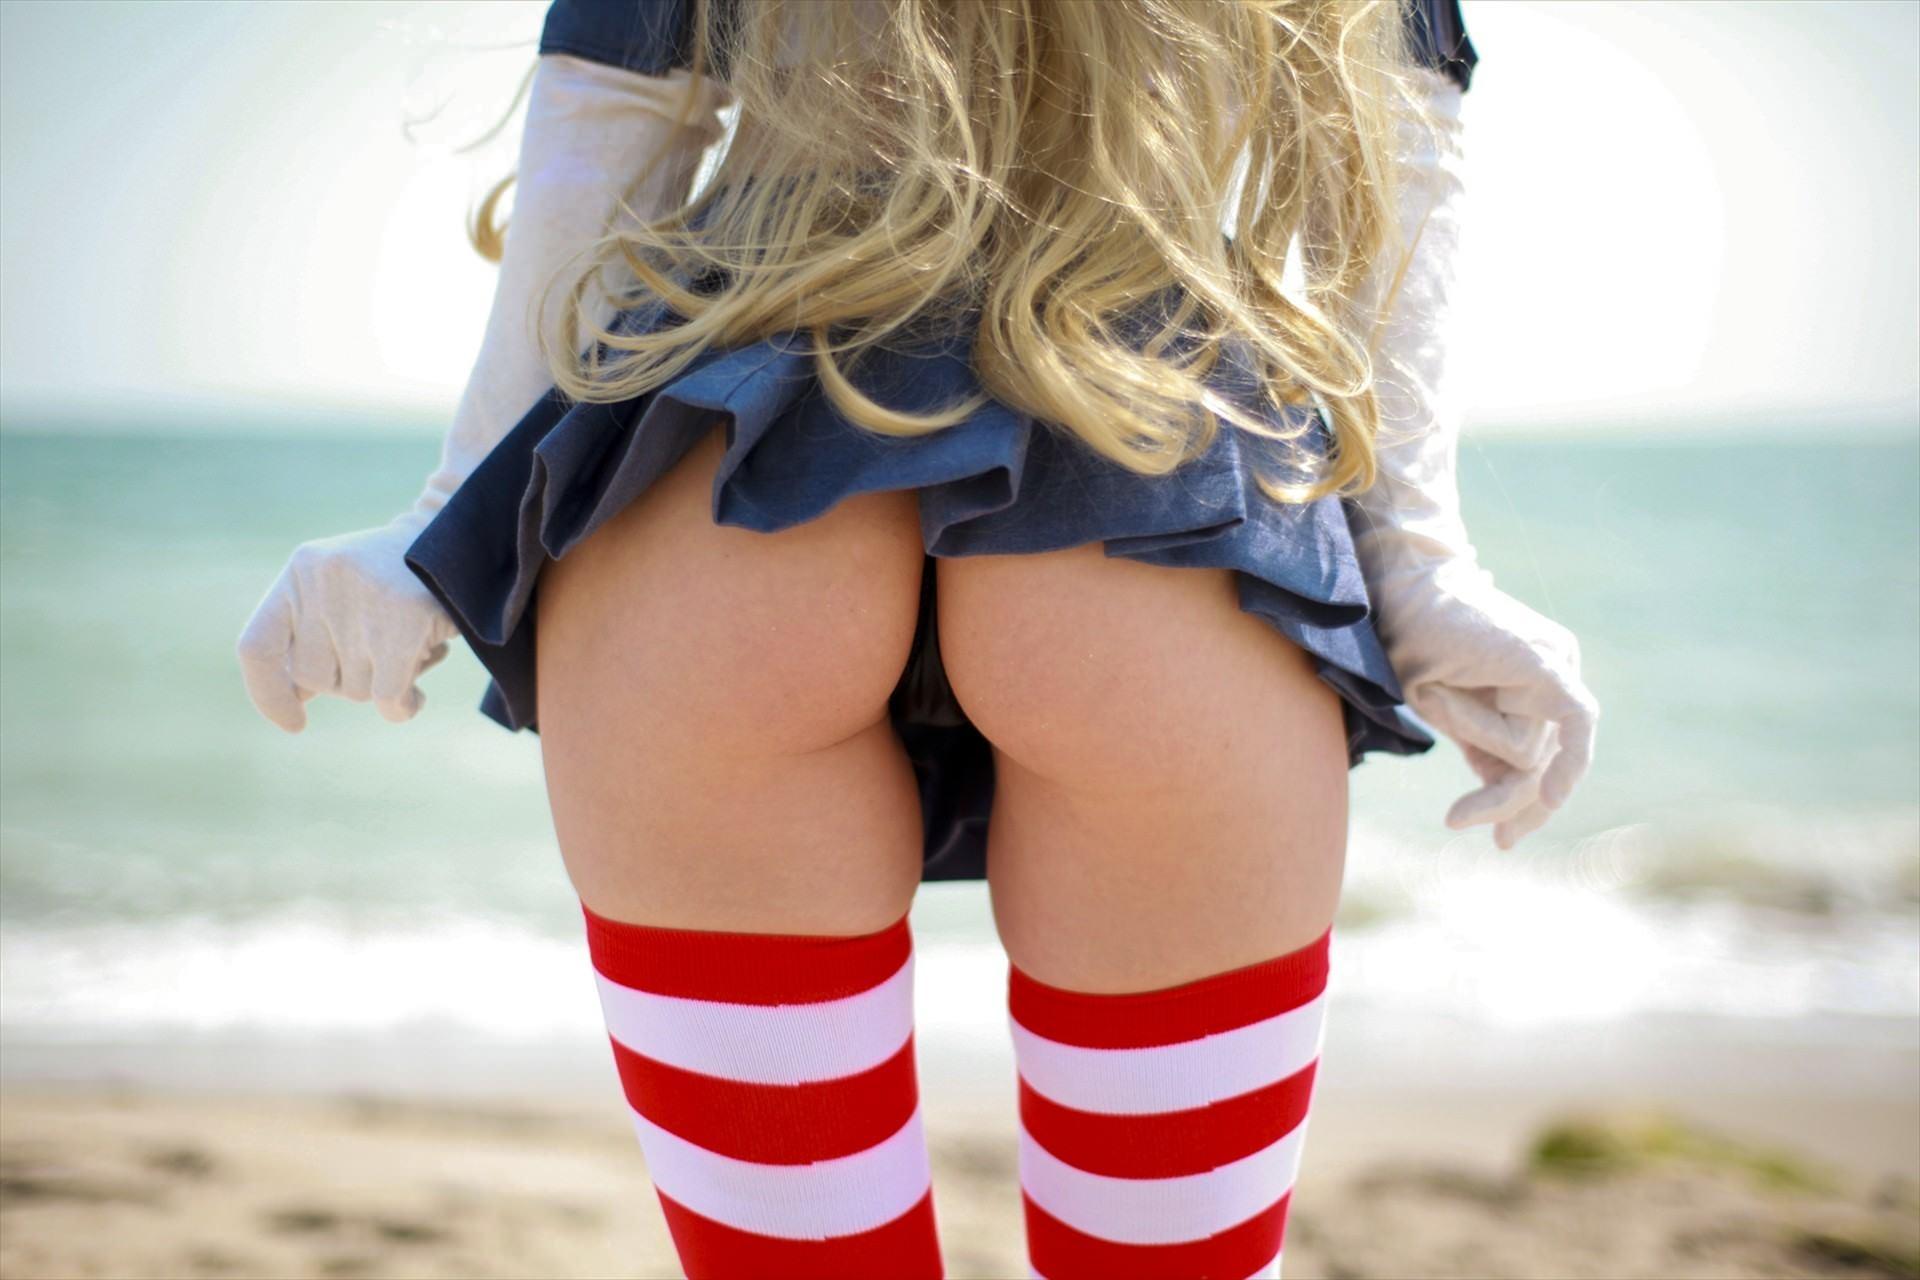 Фото Блондинка в синей мини юбке, стринги на упругой попке, красно-белые полосатые гольфы, пляж, скачать картинку бесплатно